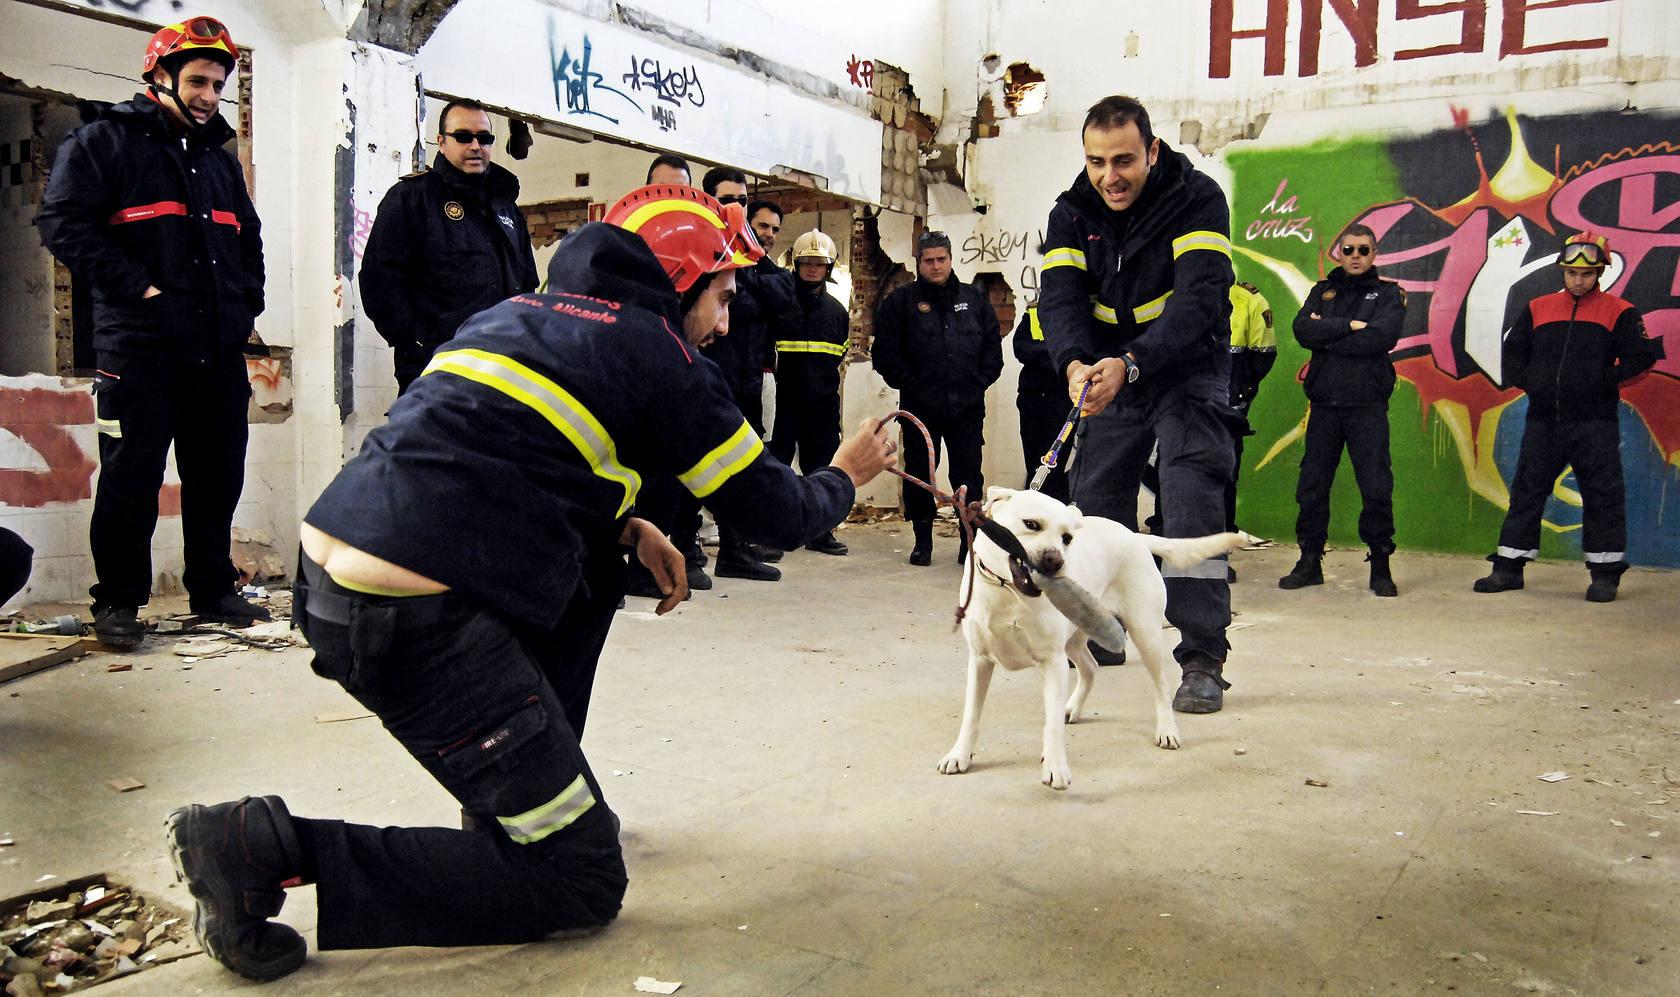 Prácticas con animales de policía y bomberos en un curso básico de guías caninos